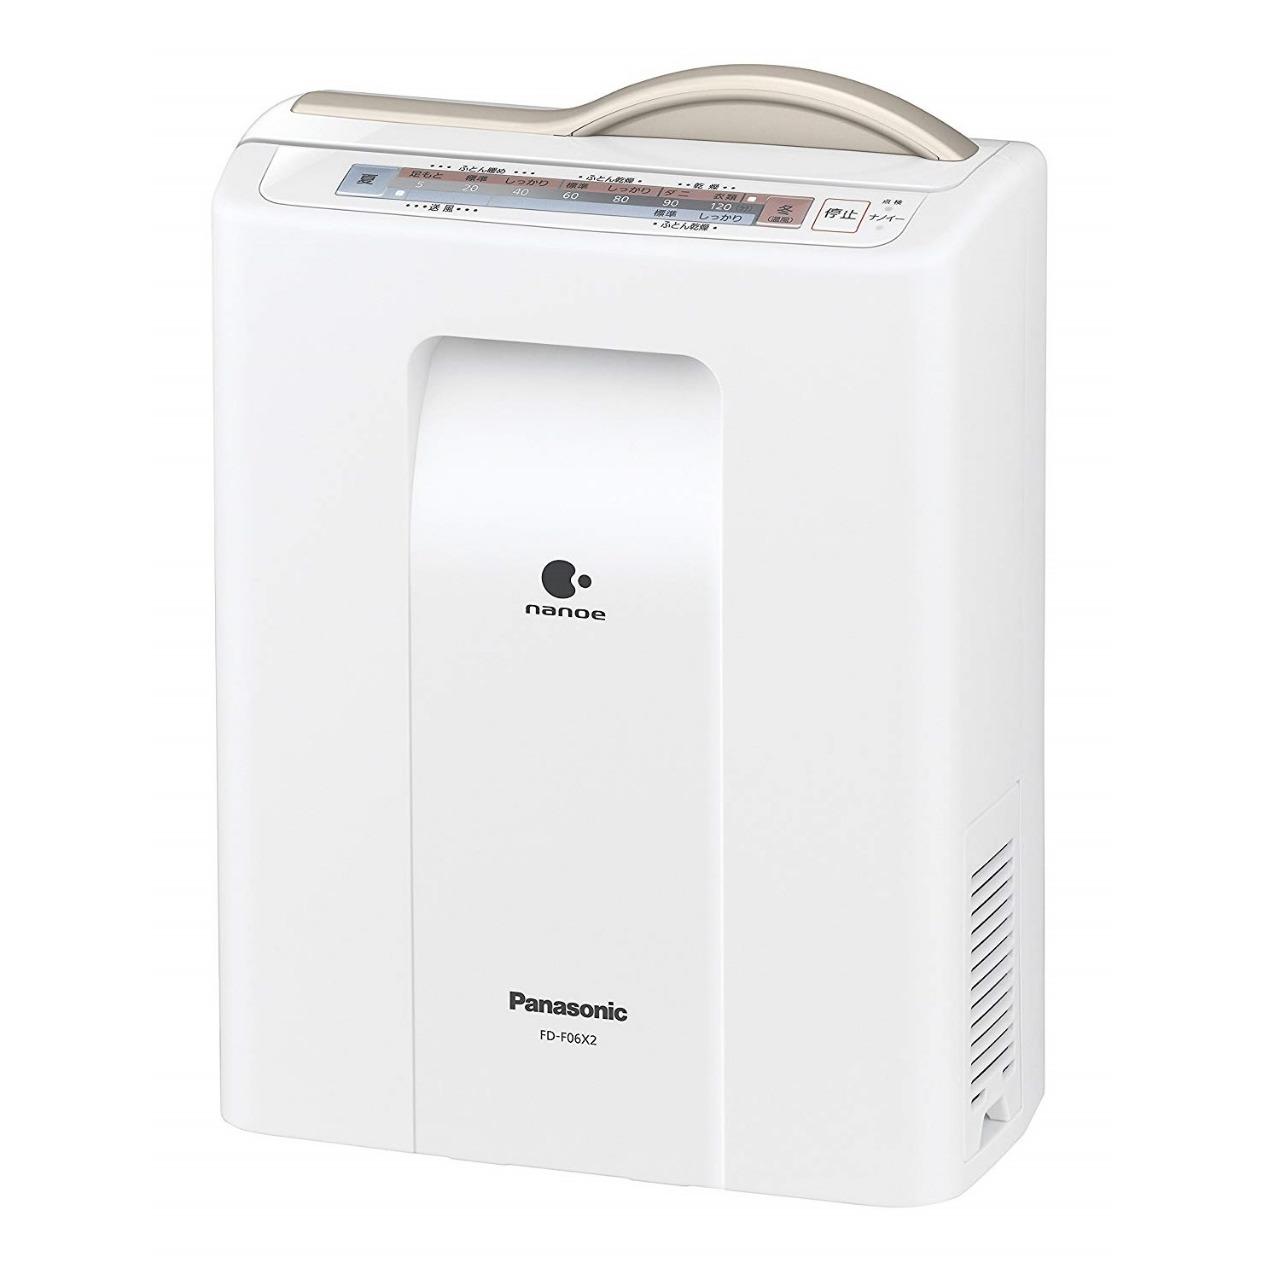 パナソニックFD-F06X2ふとん乾燥機